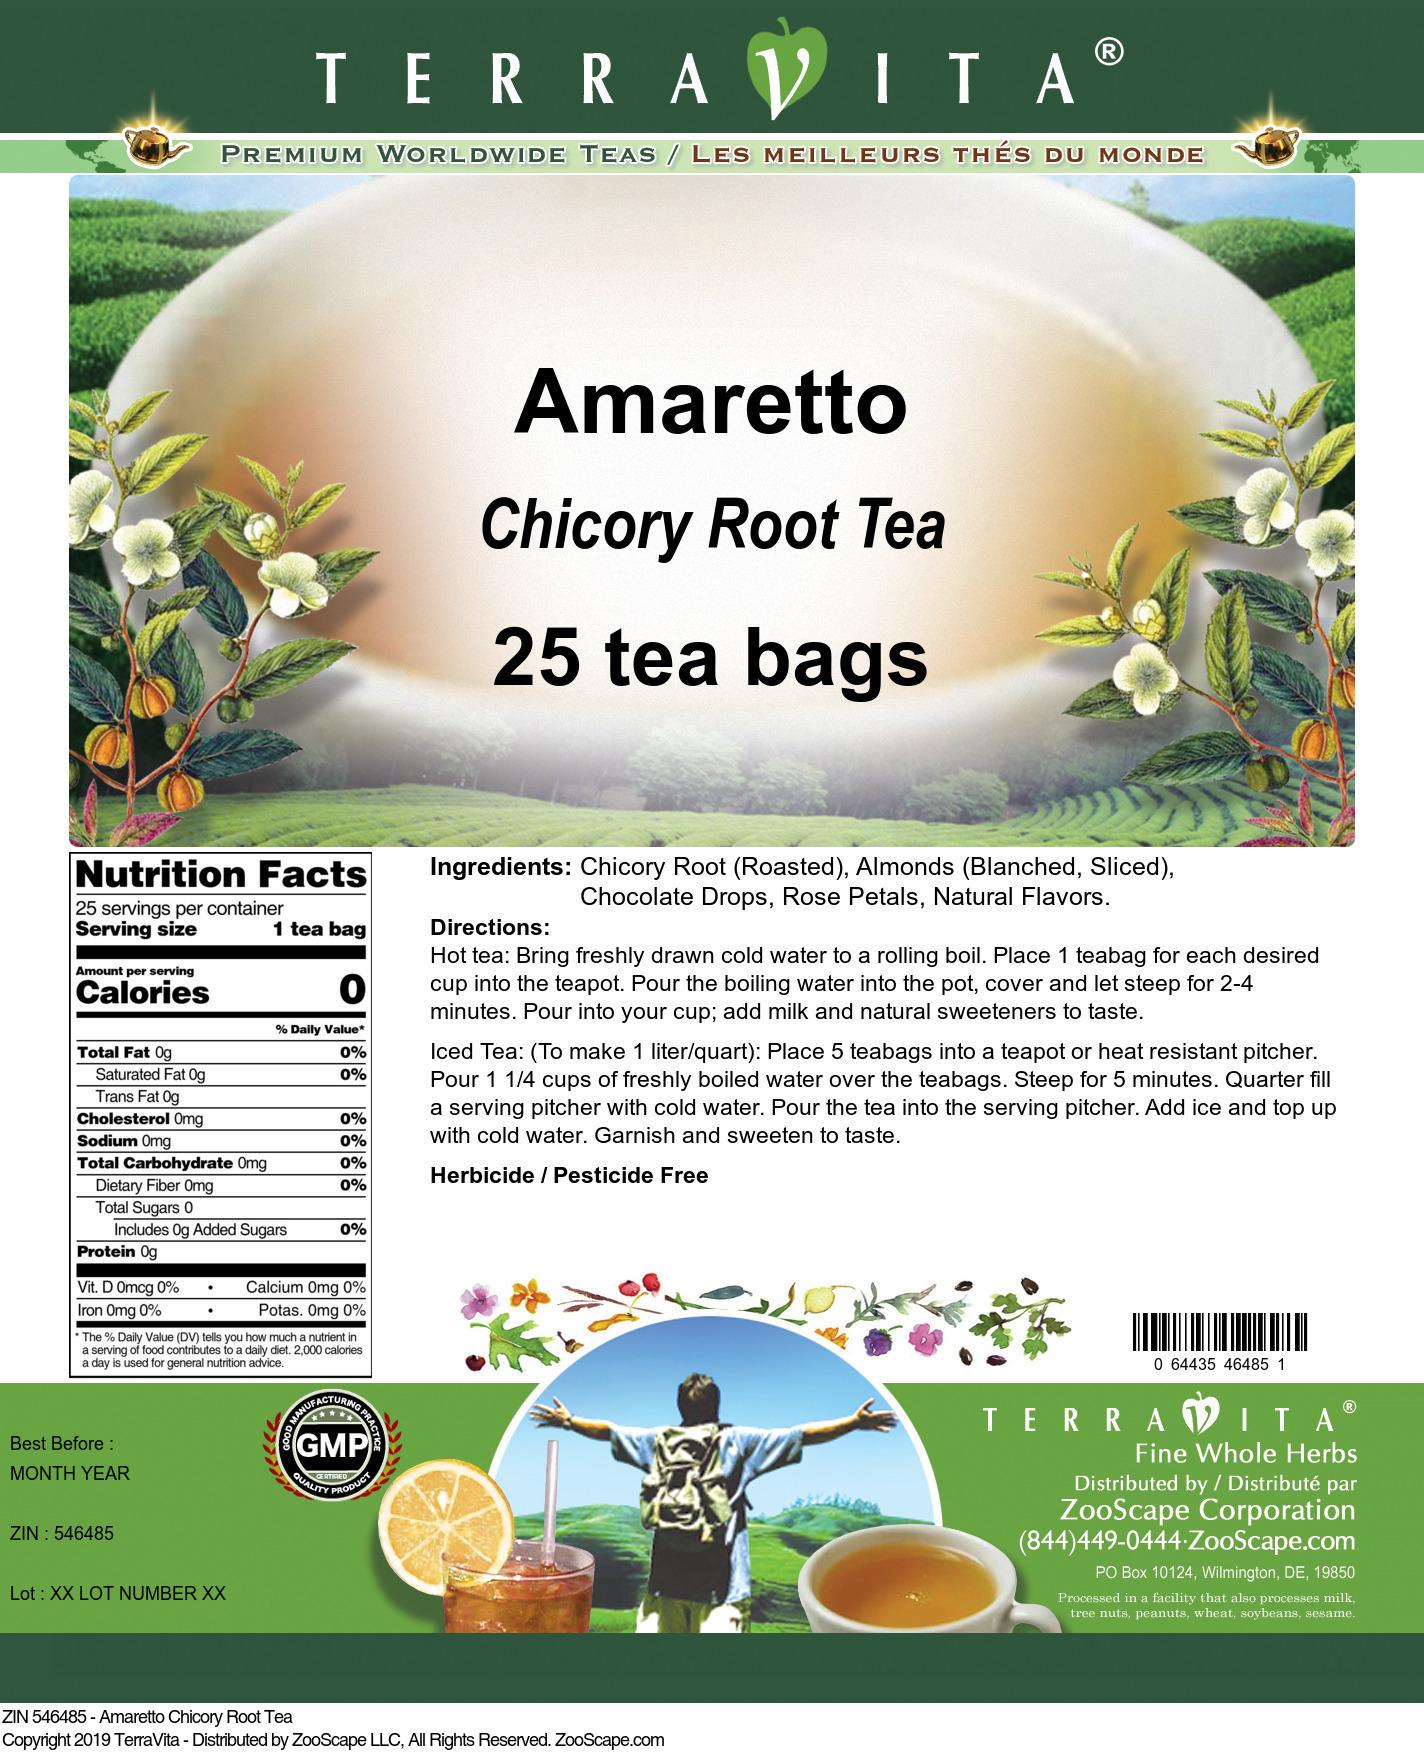 Amaretto Chicory Root